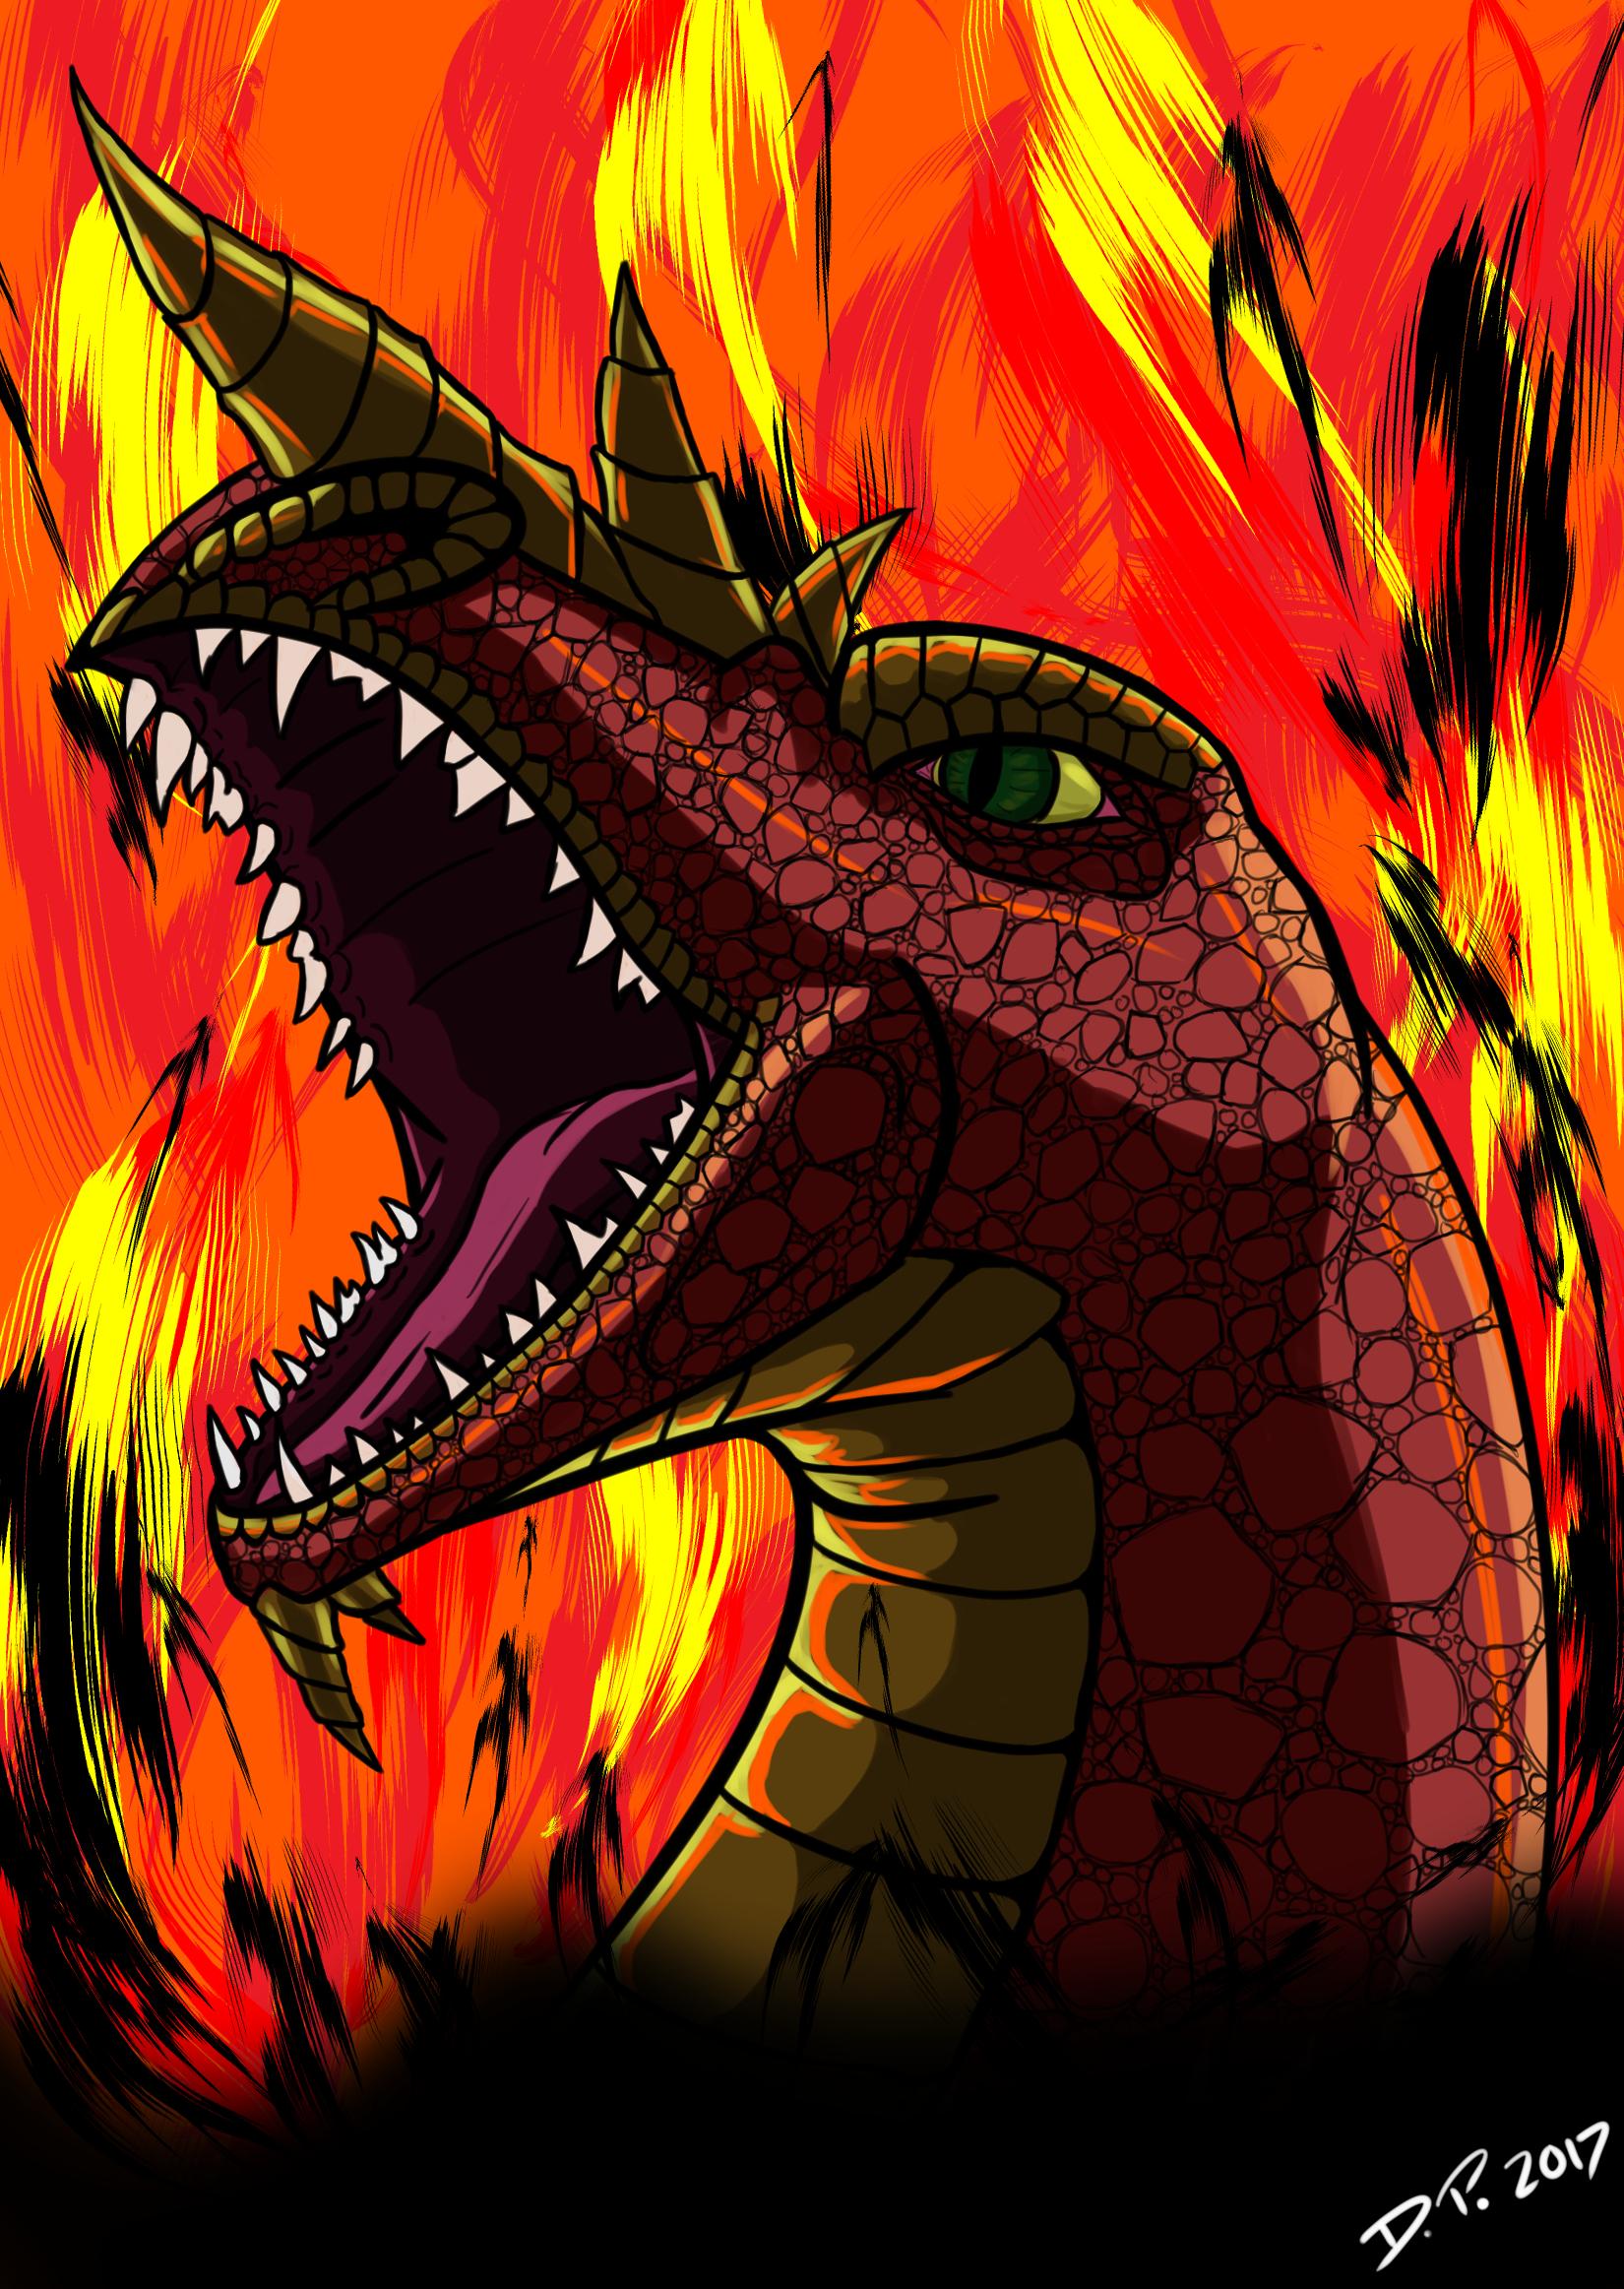 Horned Fire Dragon